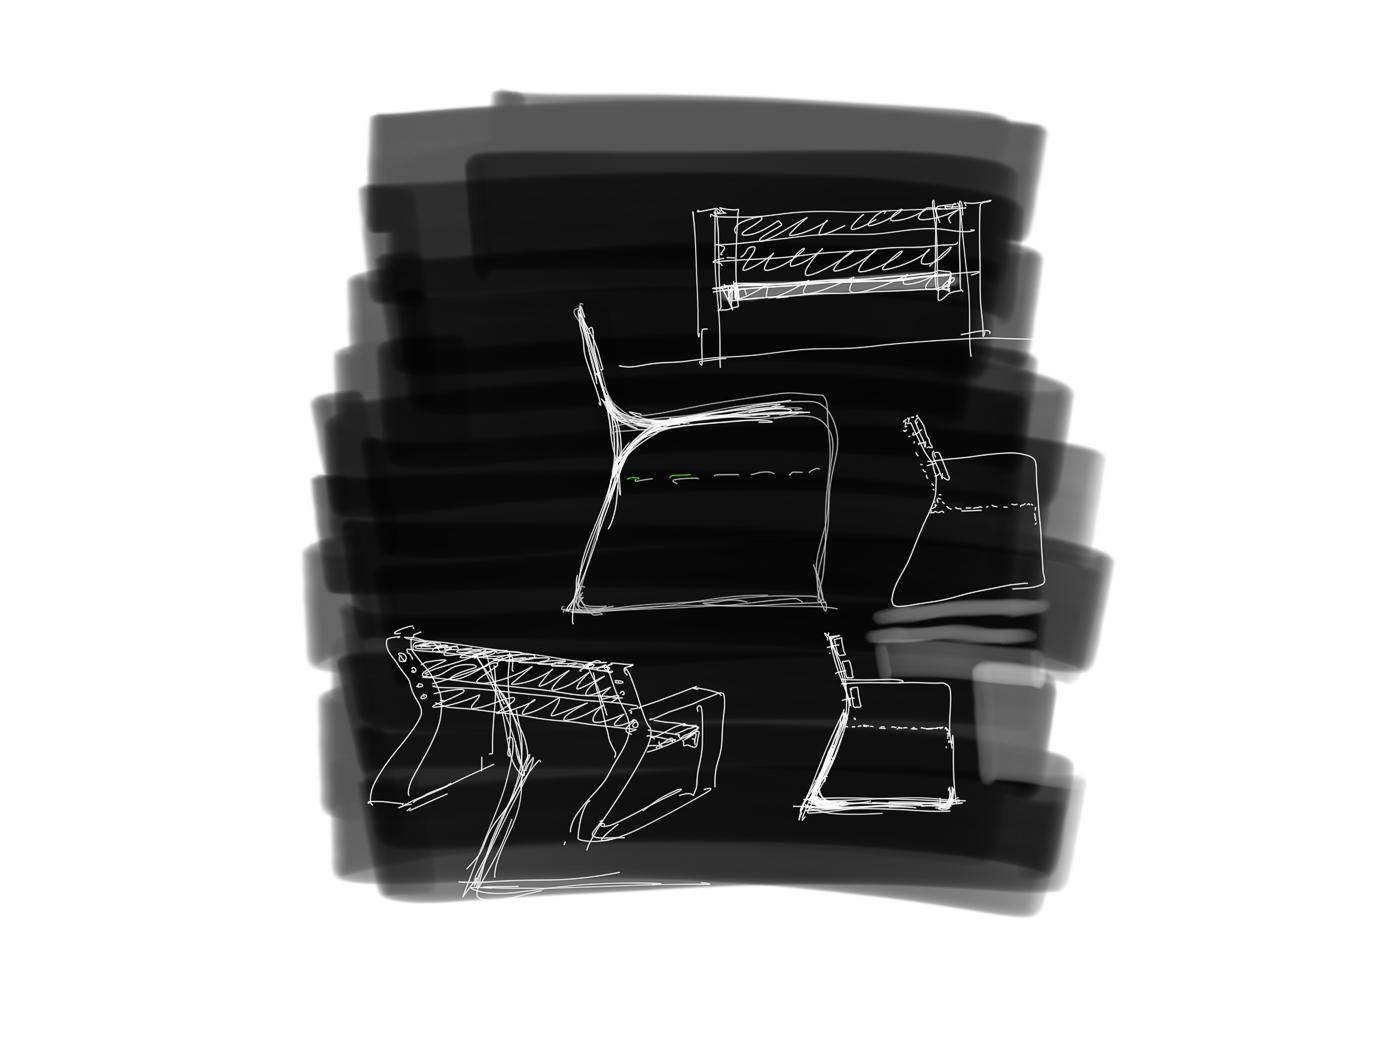 Sketch-374.jpg